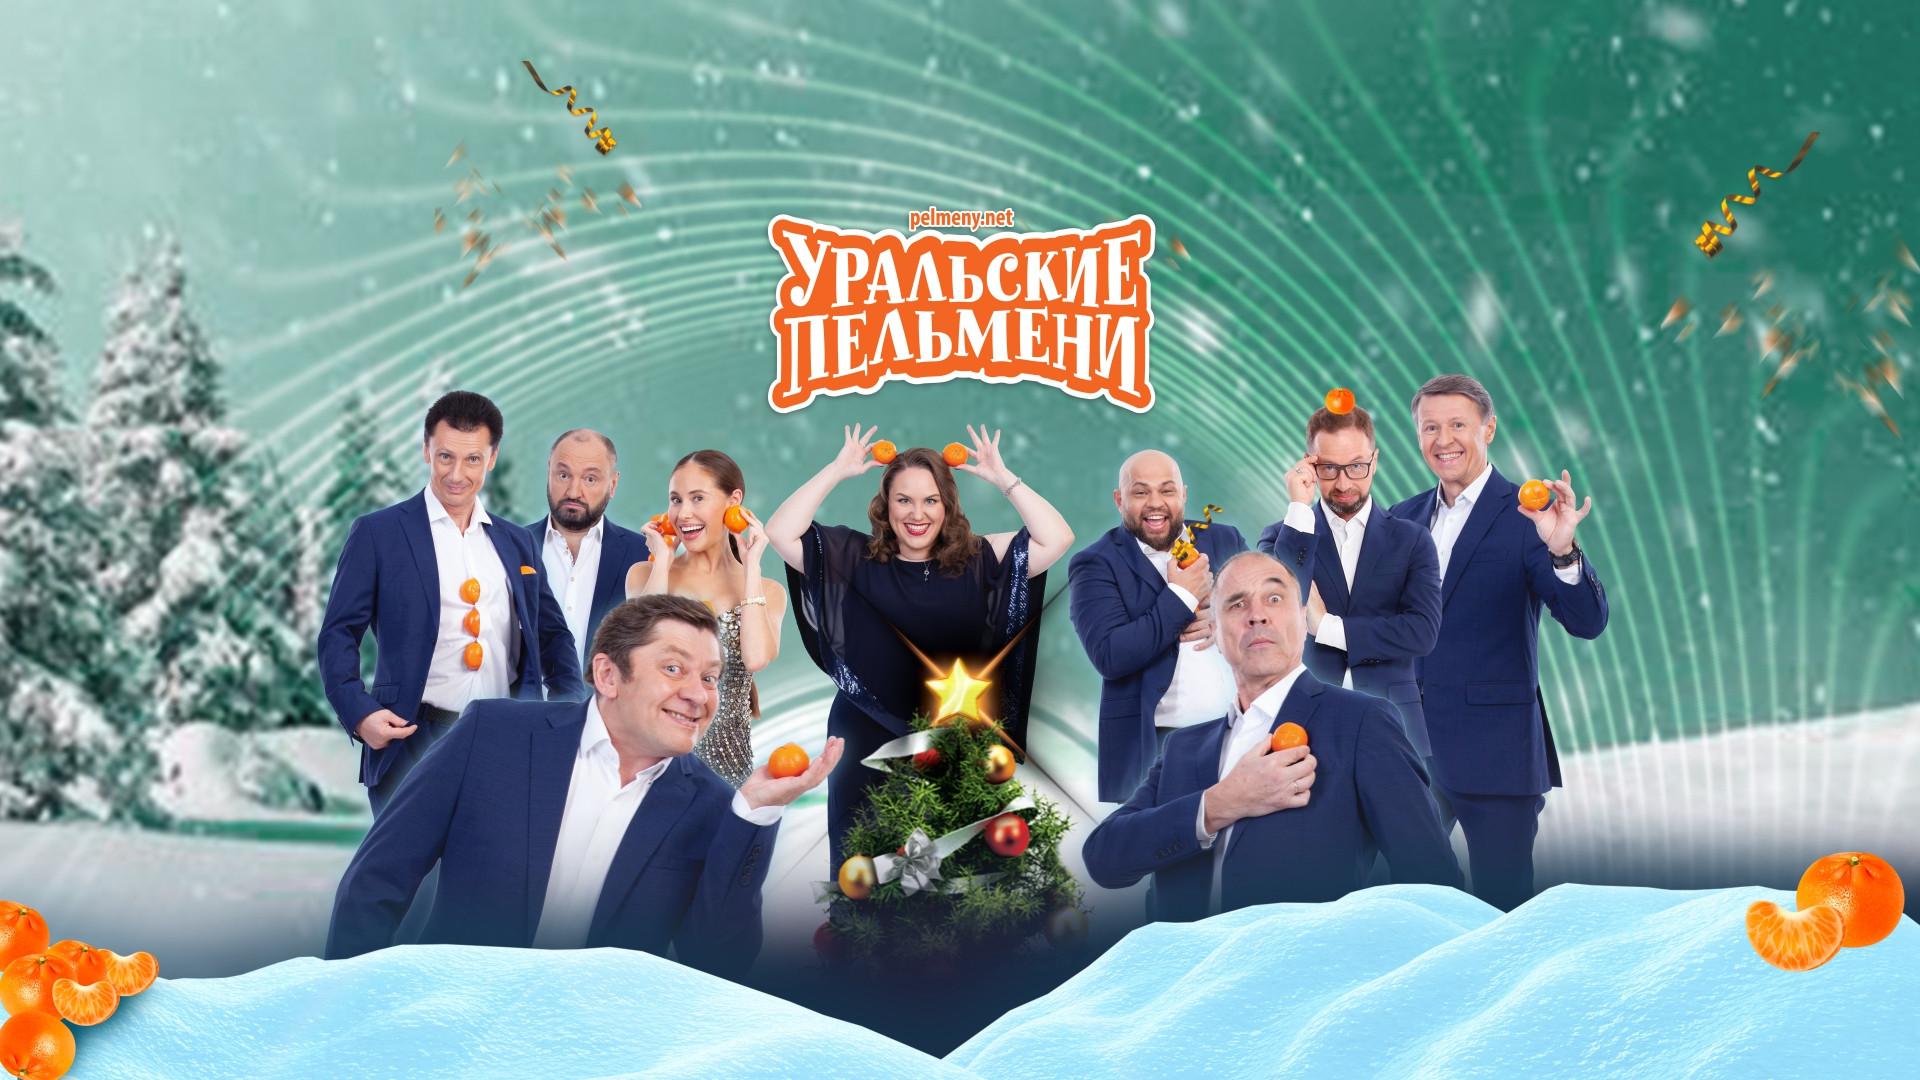 """Шоу """"Уральские пельмени. Новогоднее"""""""